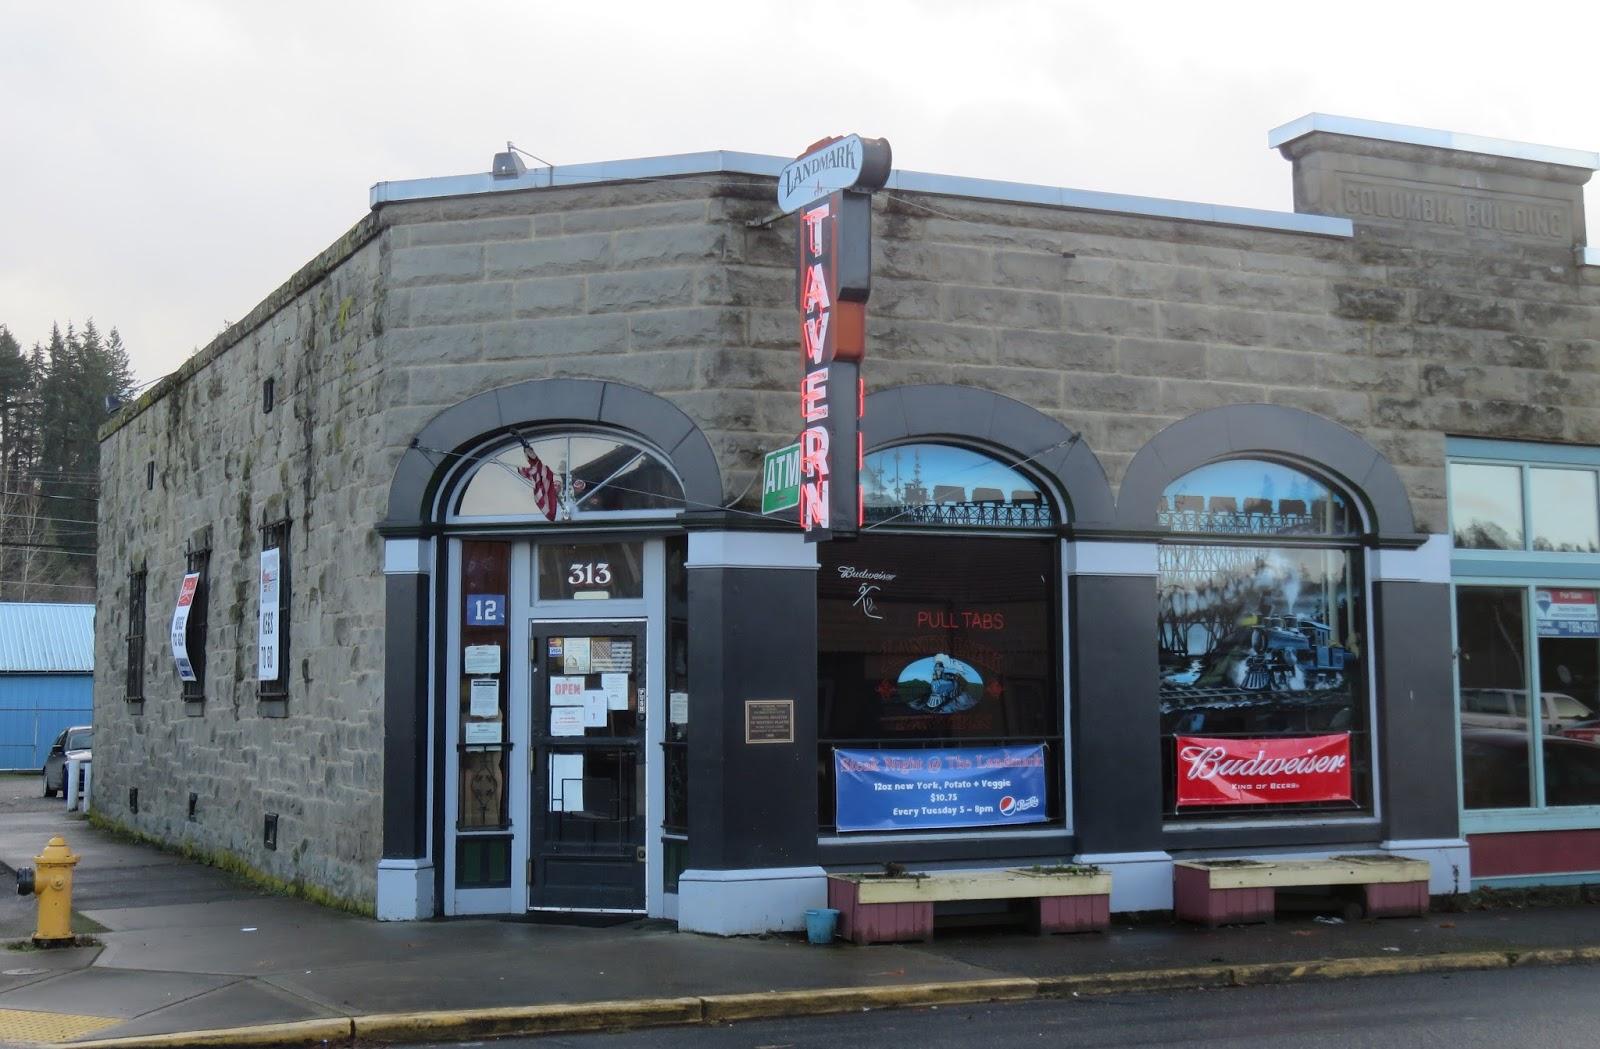 Seattlebarsorg 2660 Landmark Tavern Tenino Wa 11232014